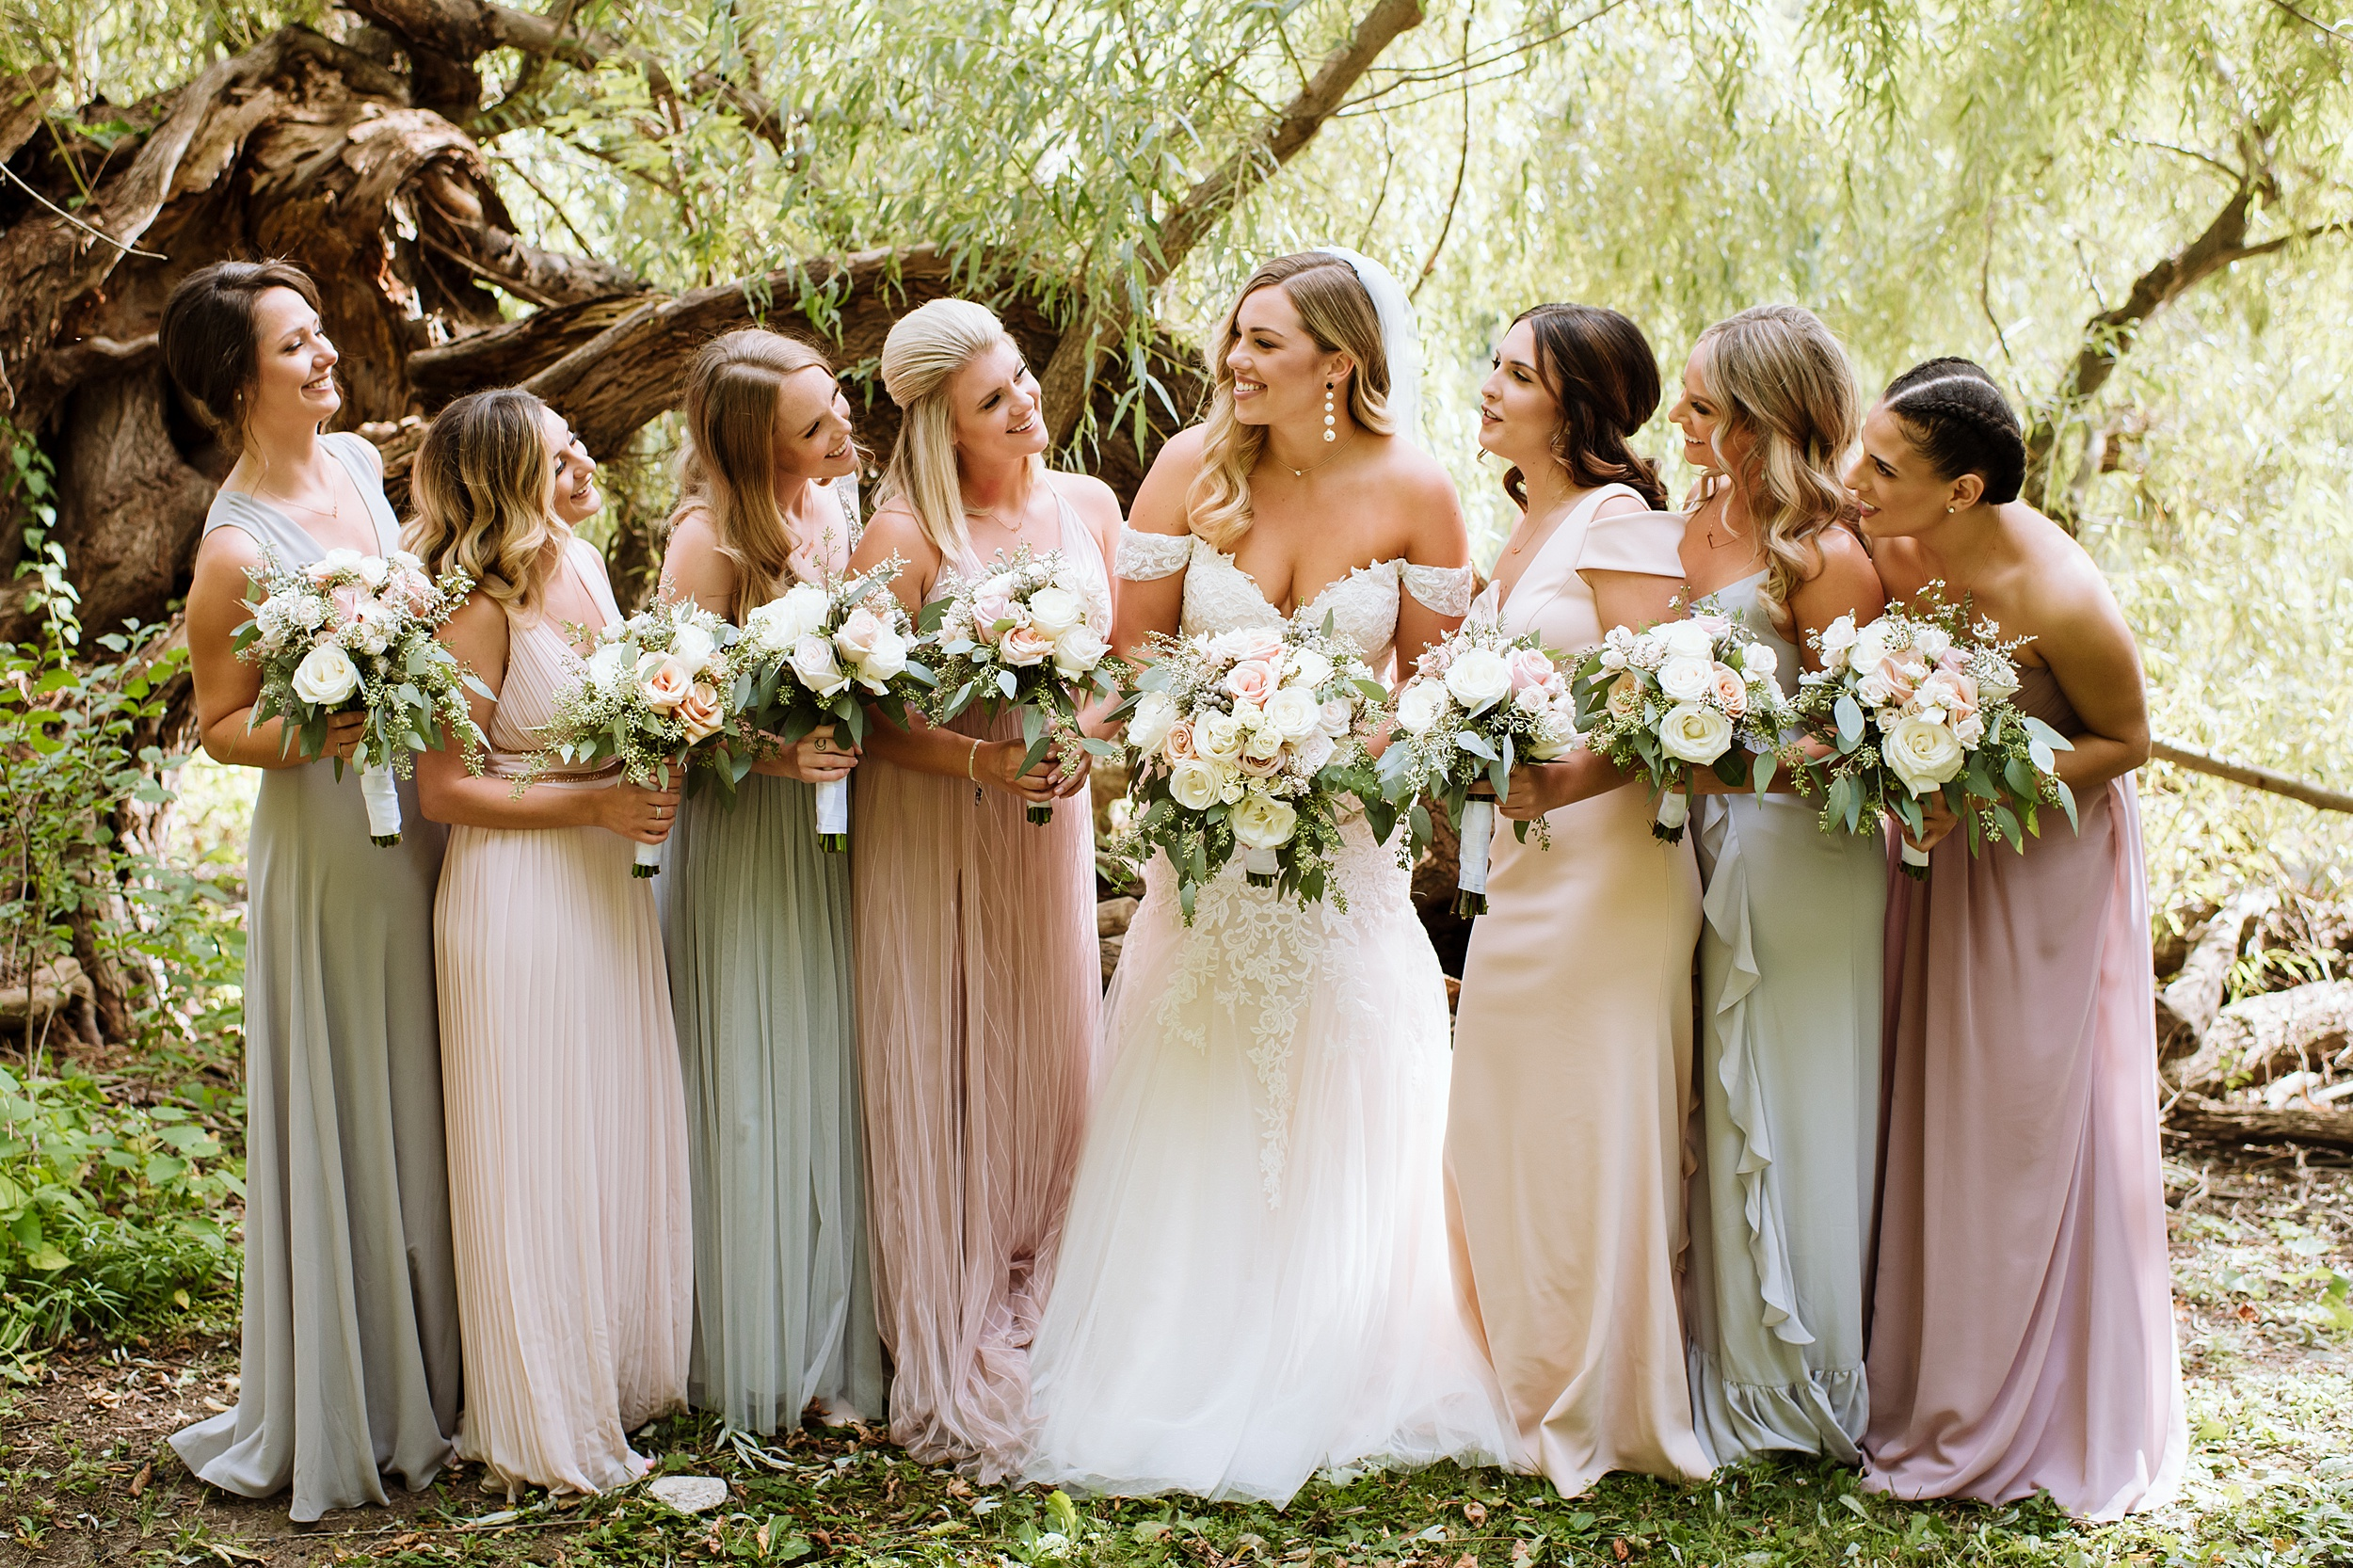 Rustic_Backyard_Wedding_Toronto_Photographer060.jpg